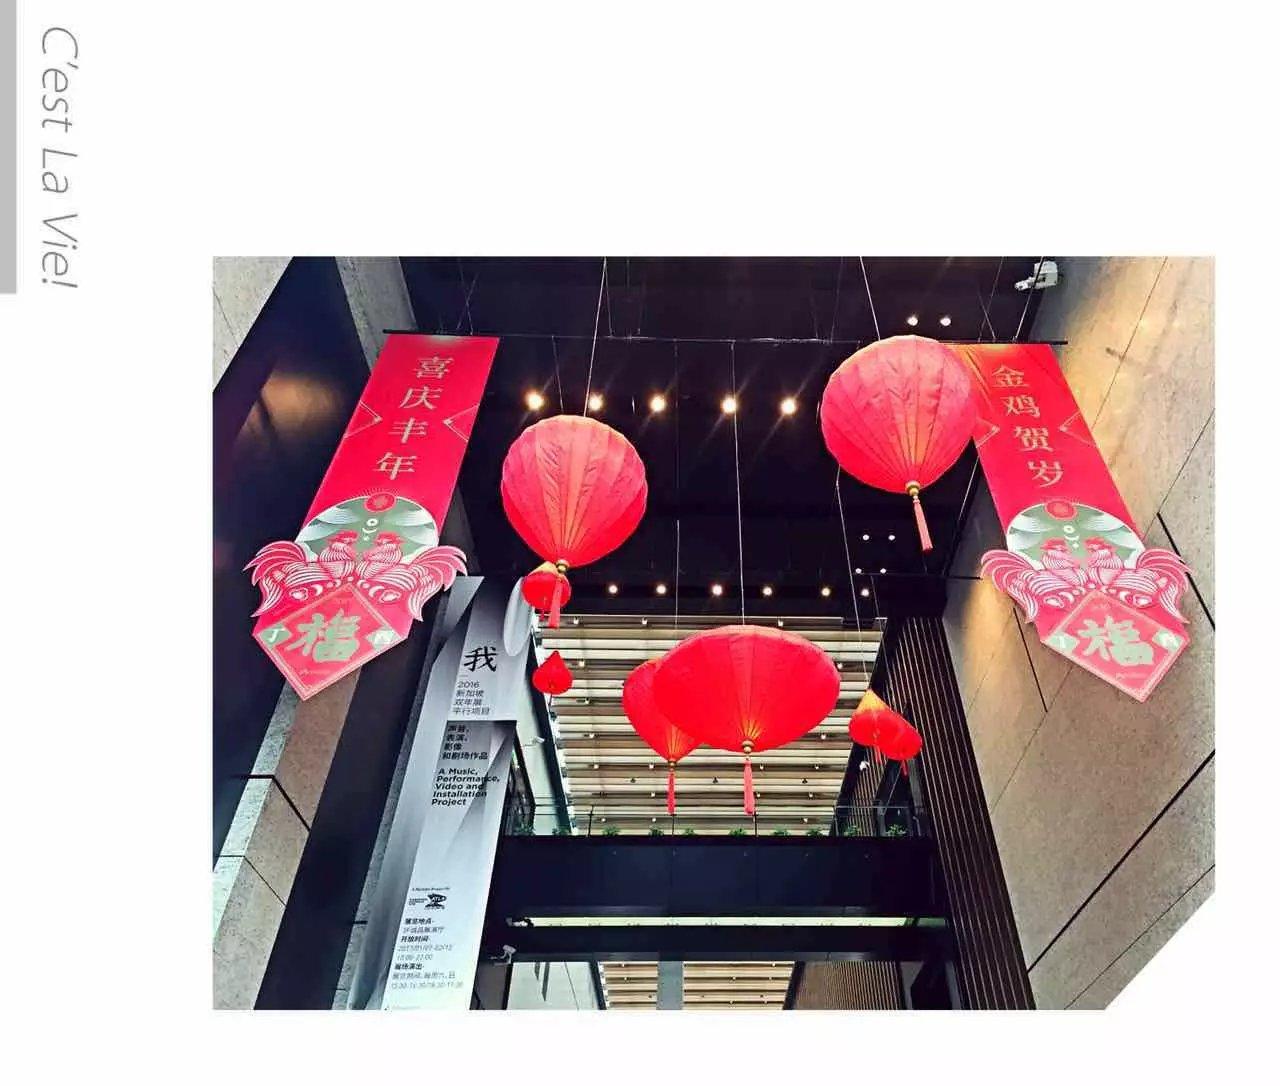 (含春节)【巨划算】北京一价全含纯玩五日游